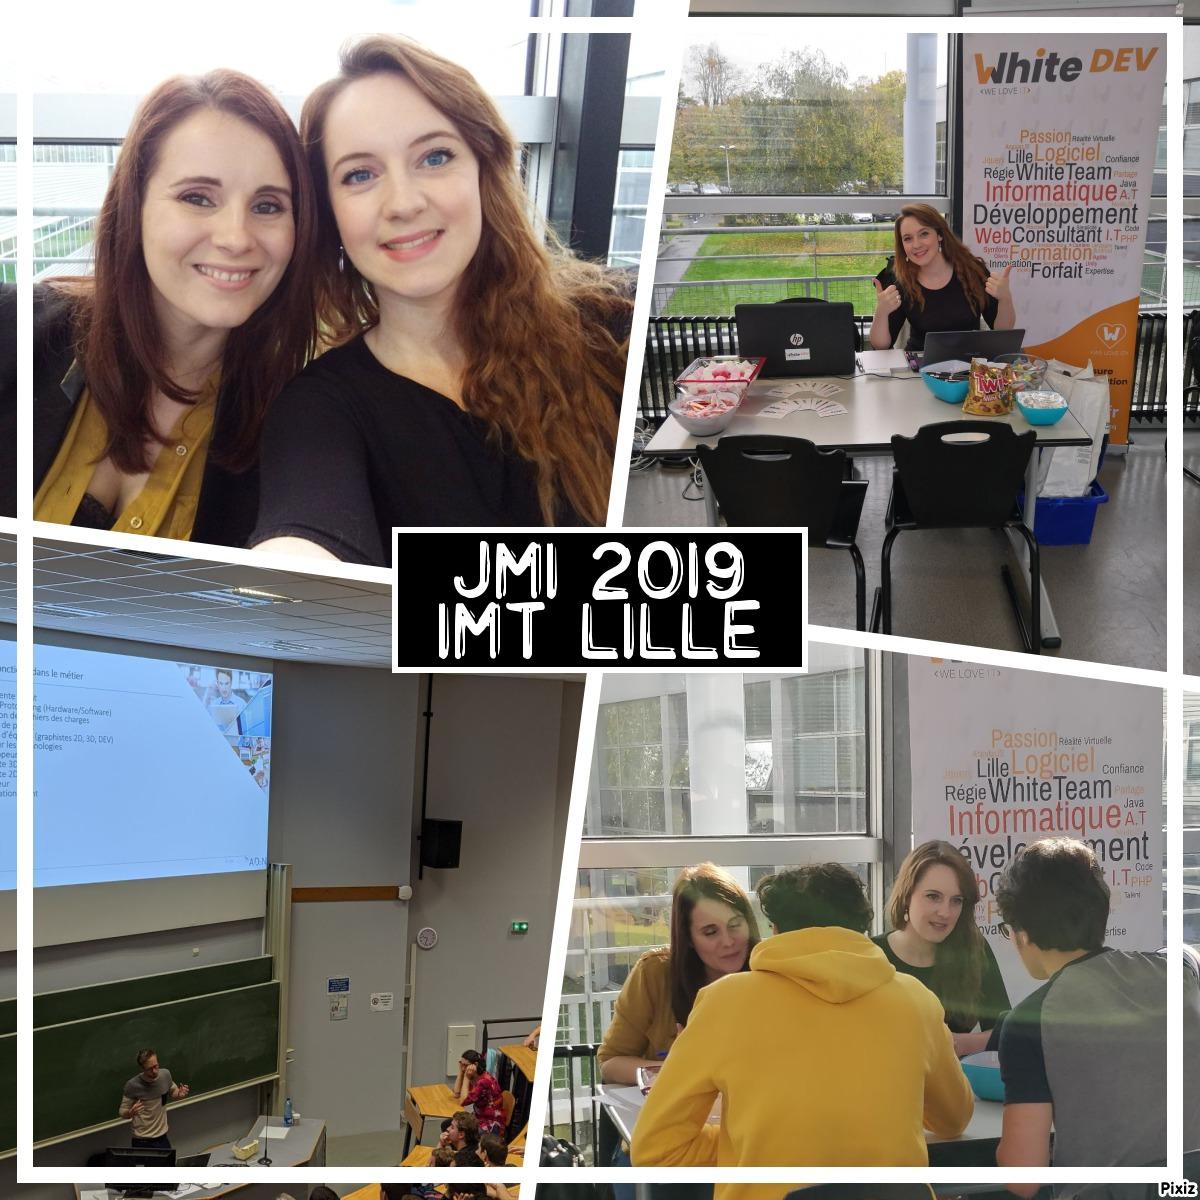 Journée porte ouvertes à l'IUT Lille JMI 2019